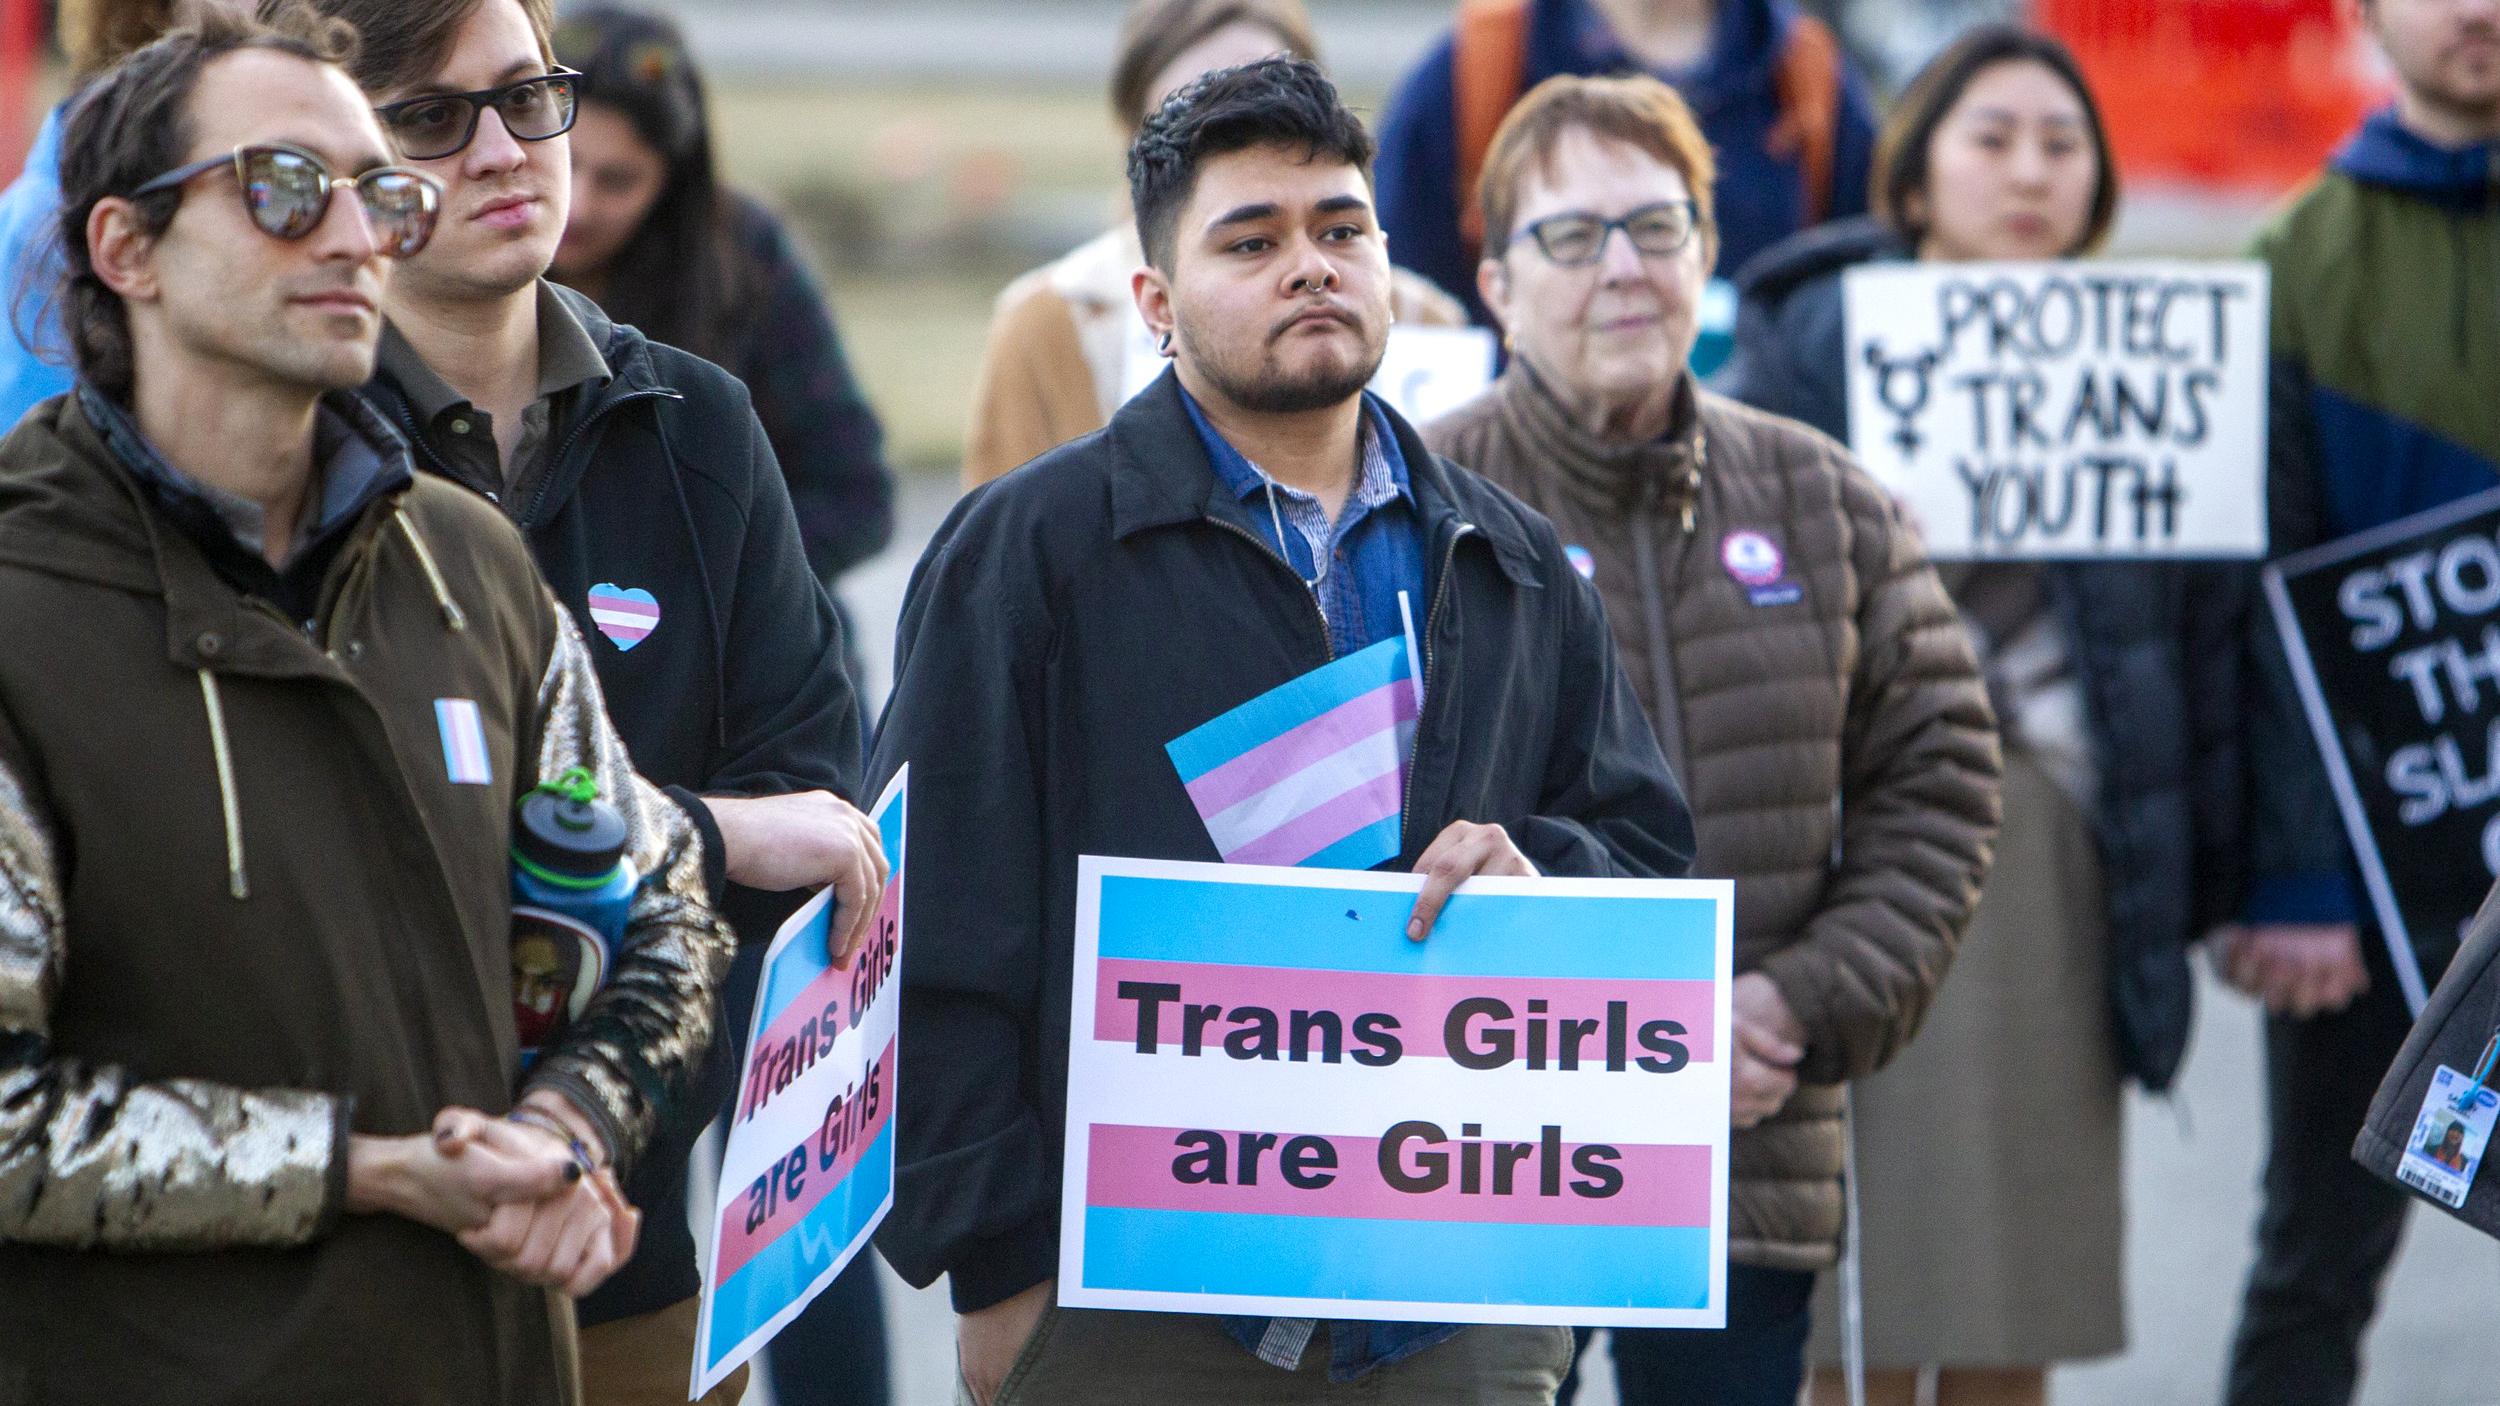 Người chuyển giới gặp rào cản về kì thị và phân biệt đối xử